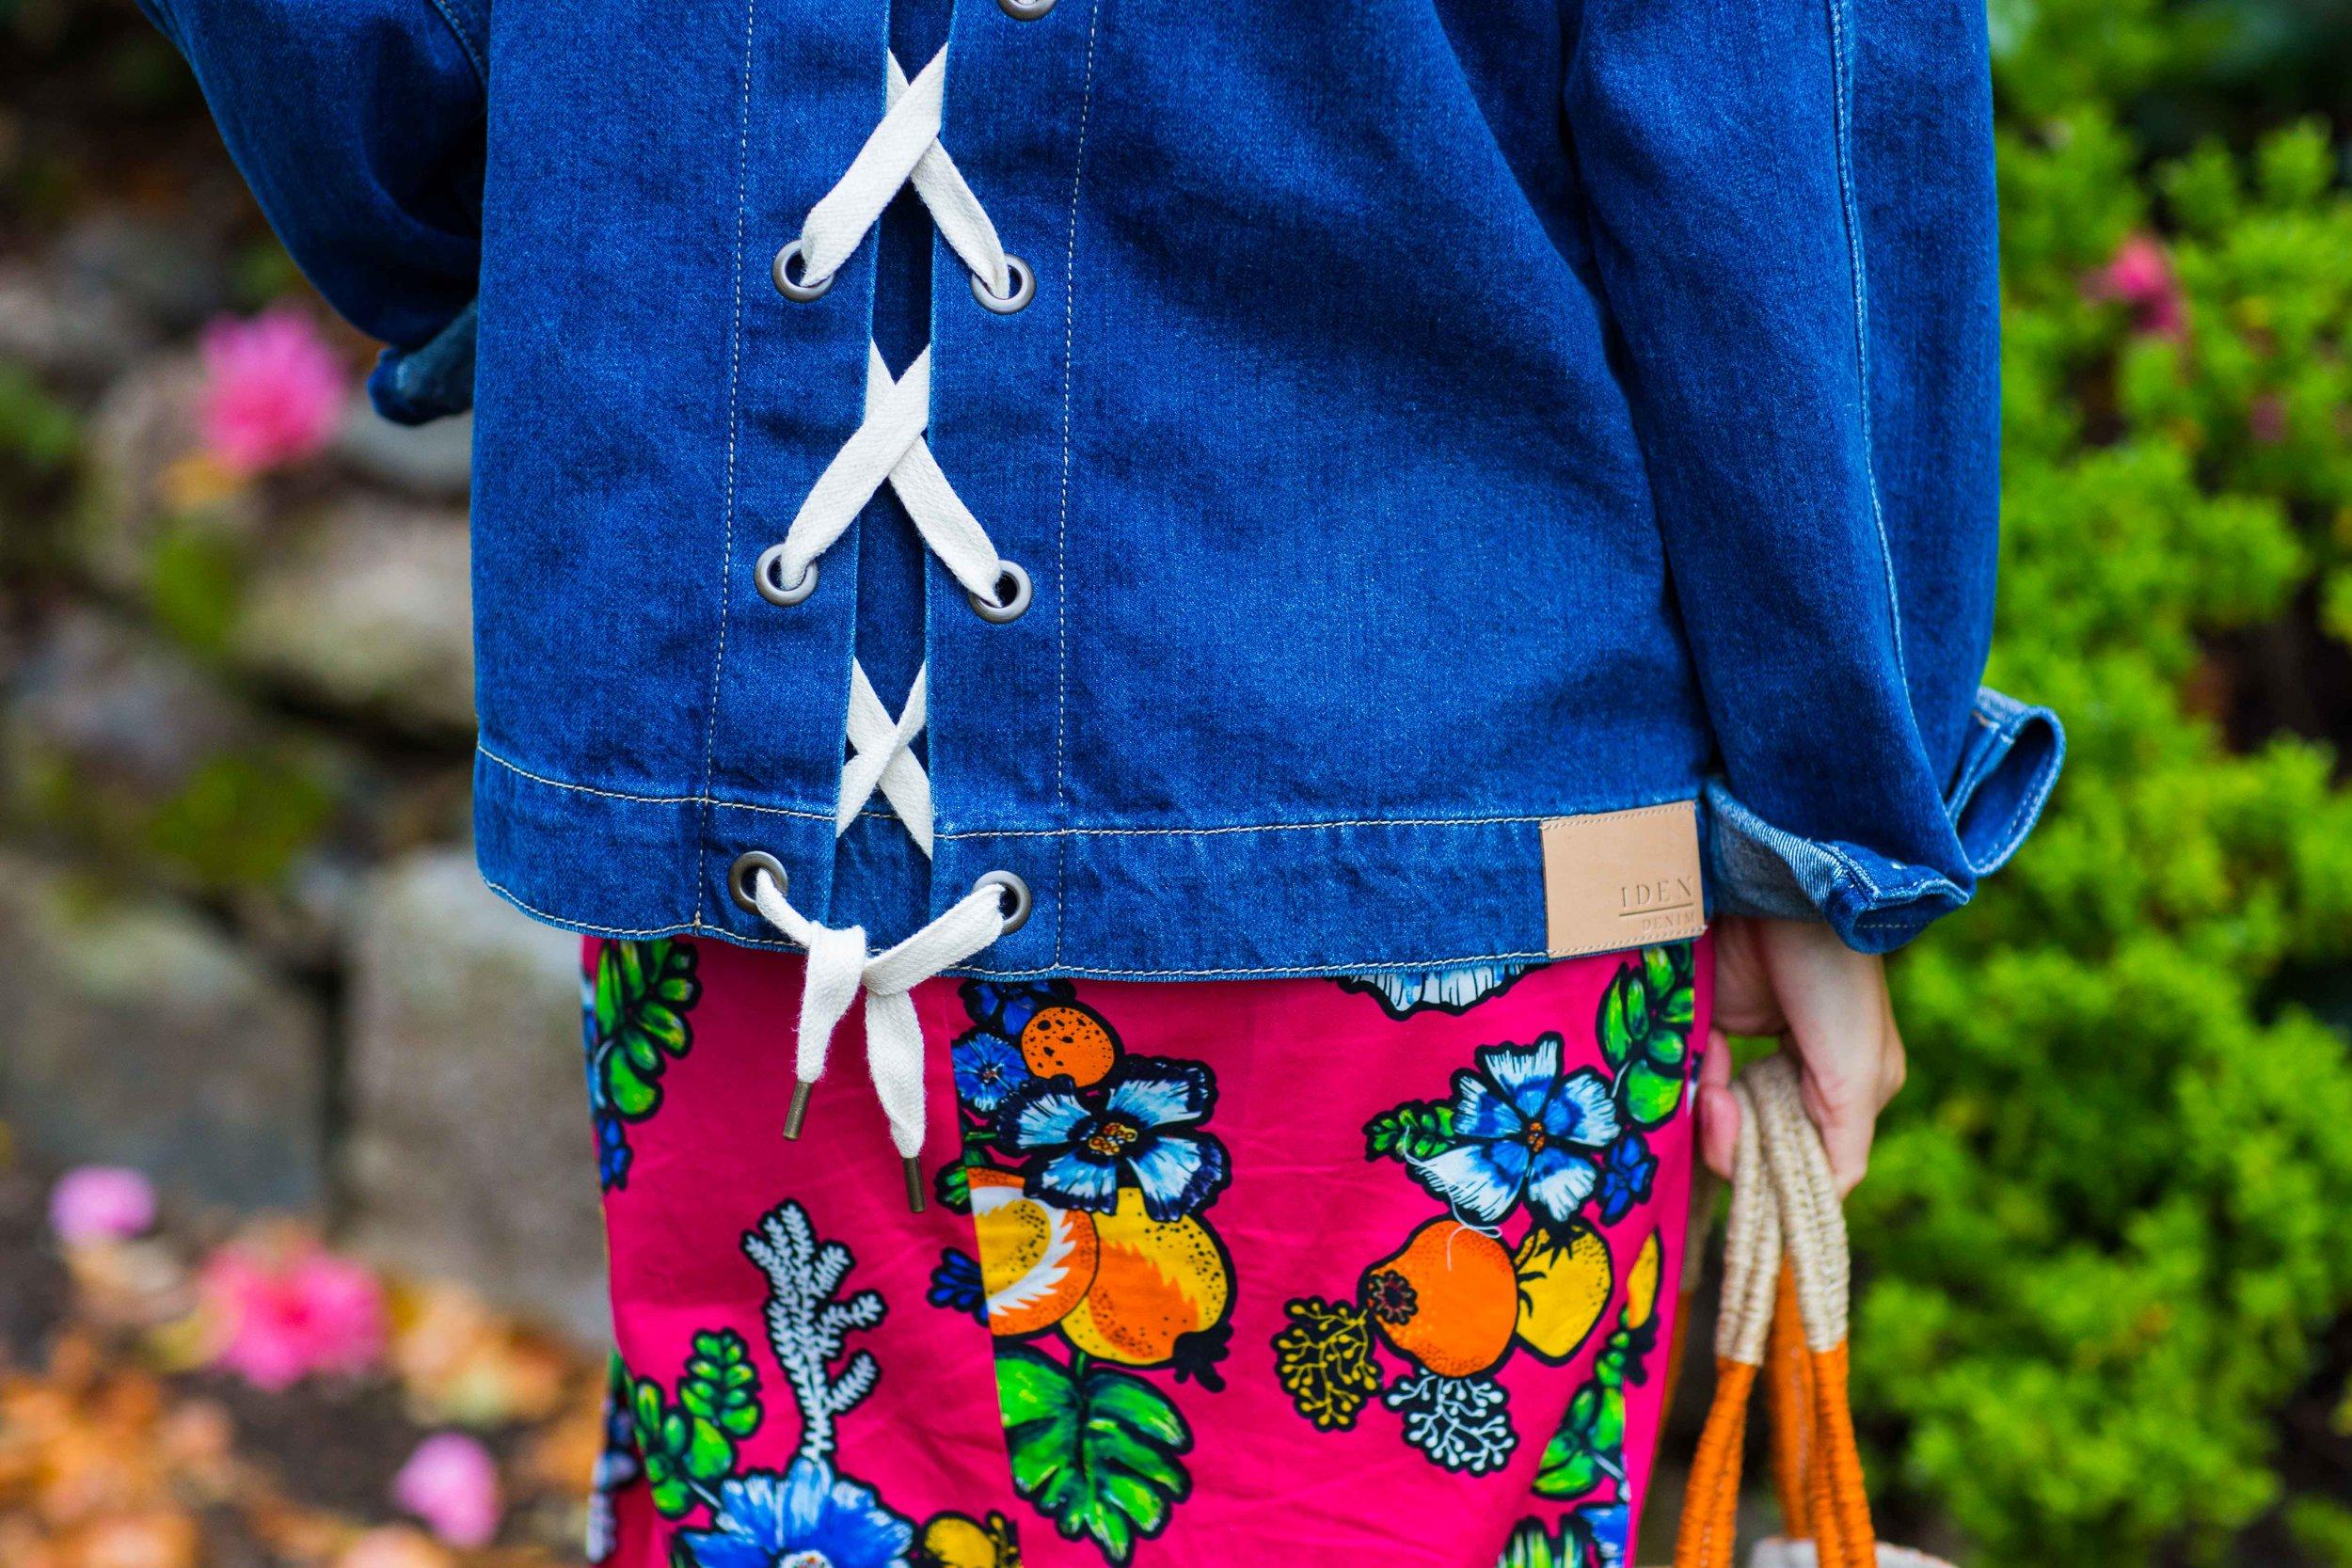 JasmineHemsley_FashionRevolution_Selects_NickHopper-2485 (1).jpg